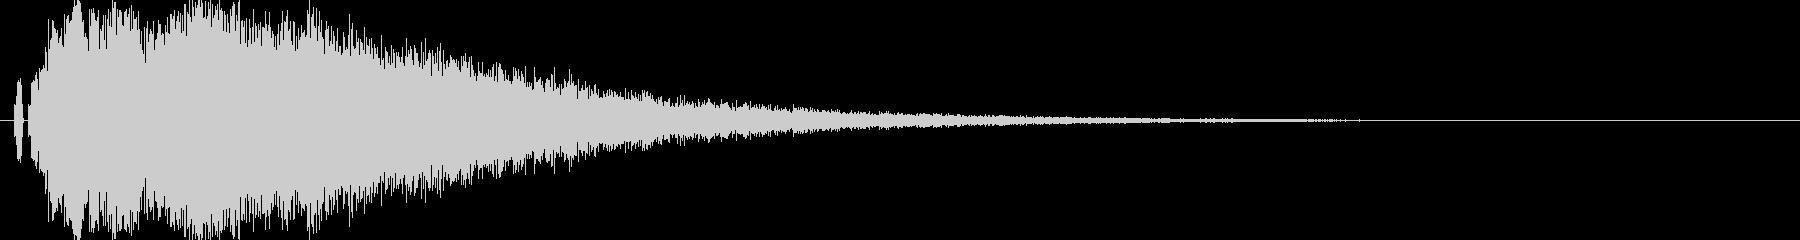 【キラキラ02】光や天使に最適な効果音!の未再生の波形